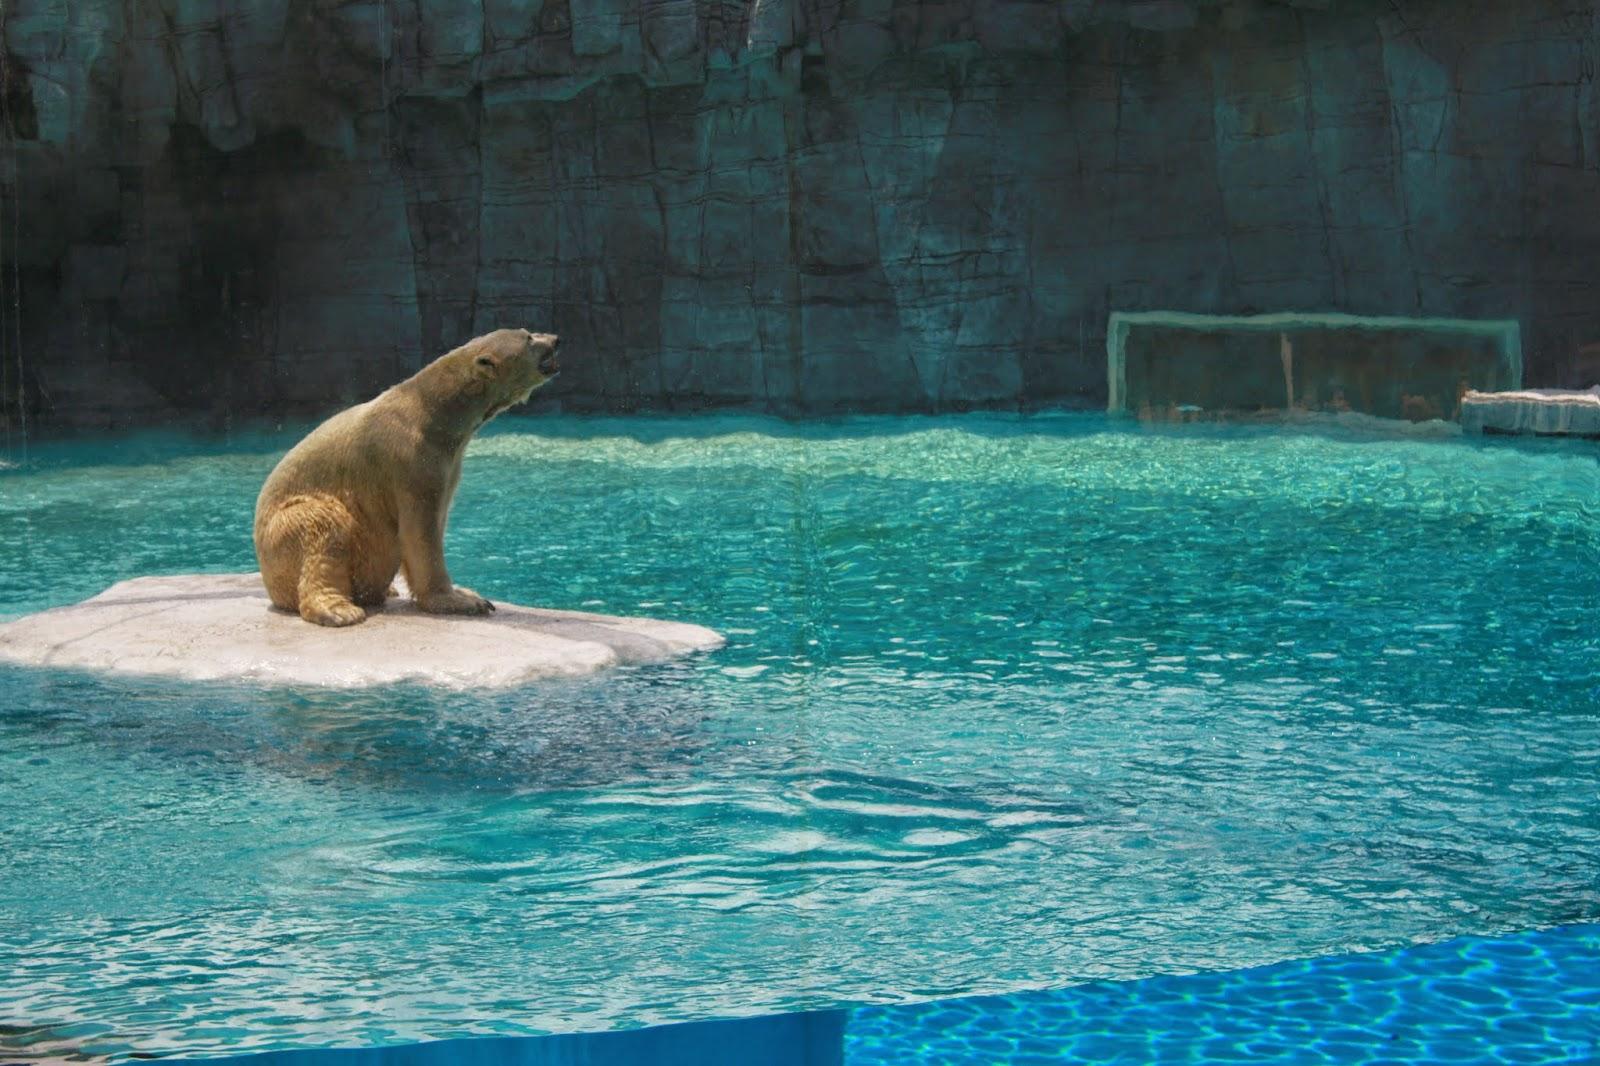 oso_polar_zoo_singapur